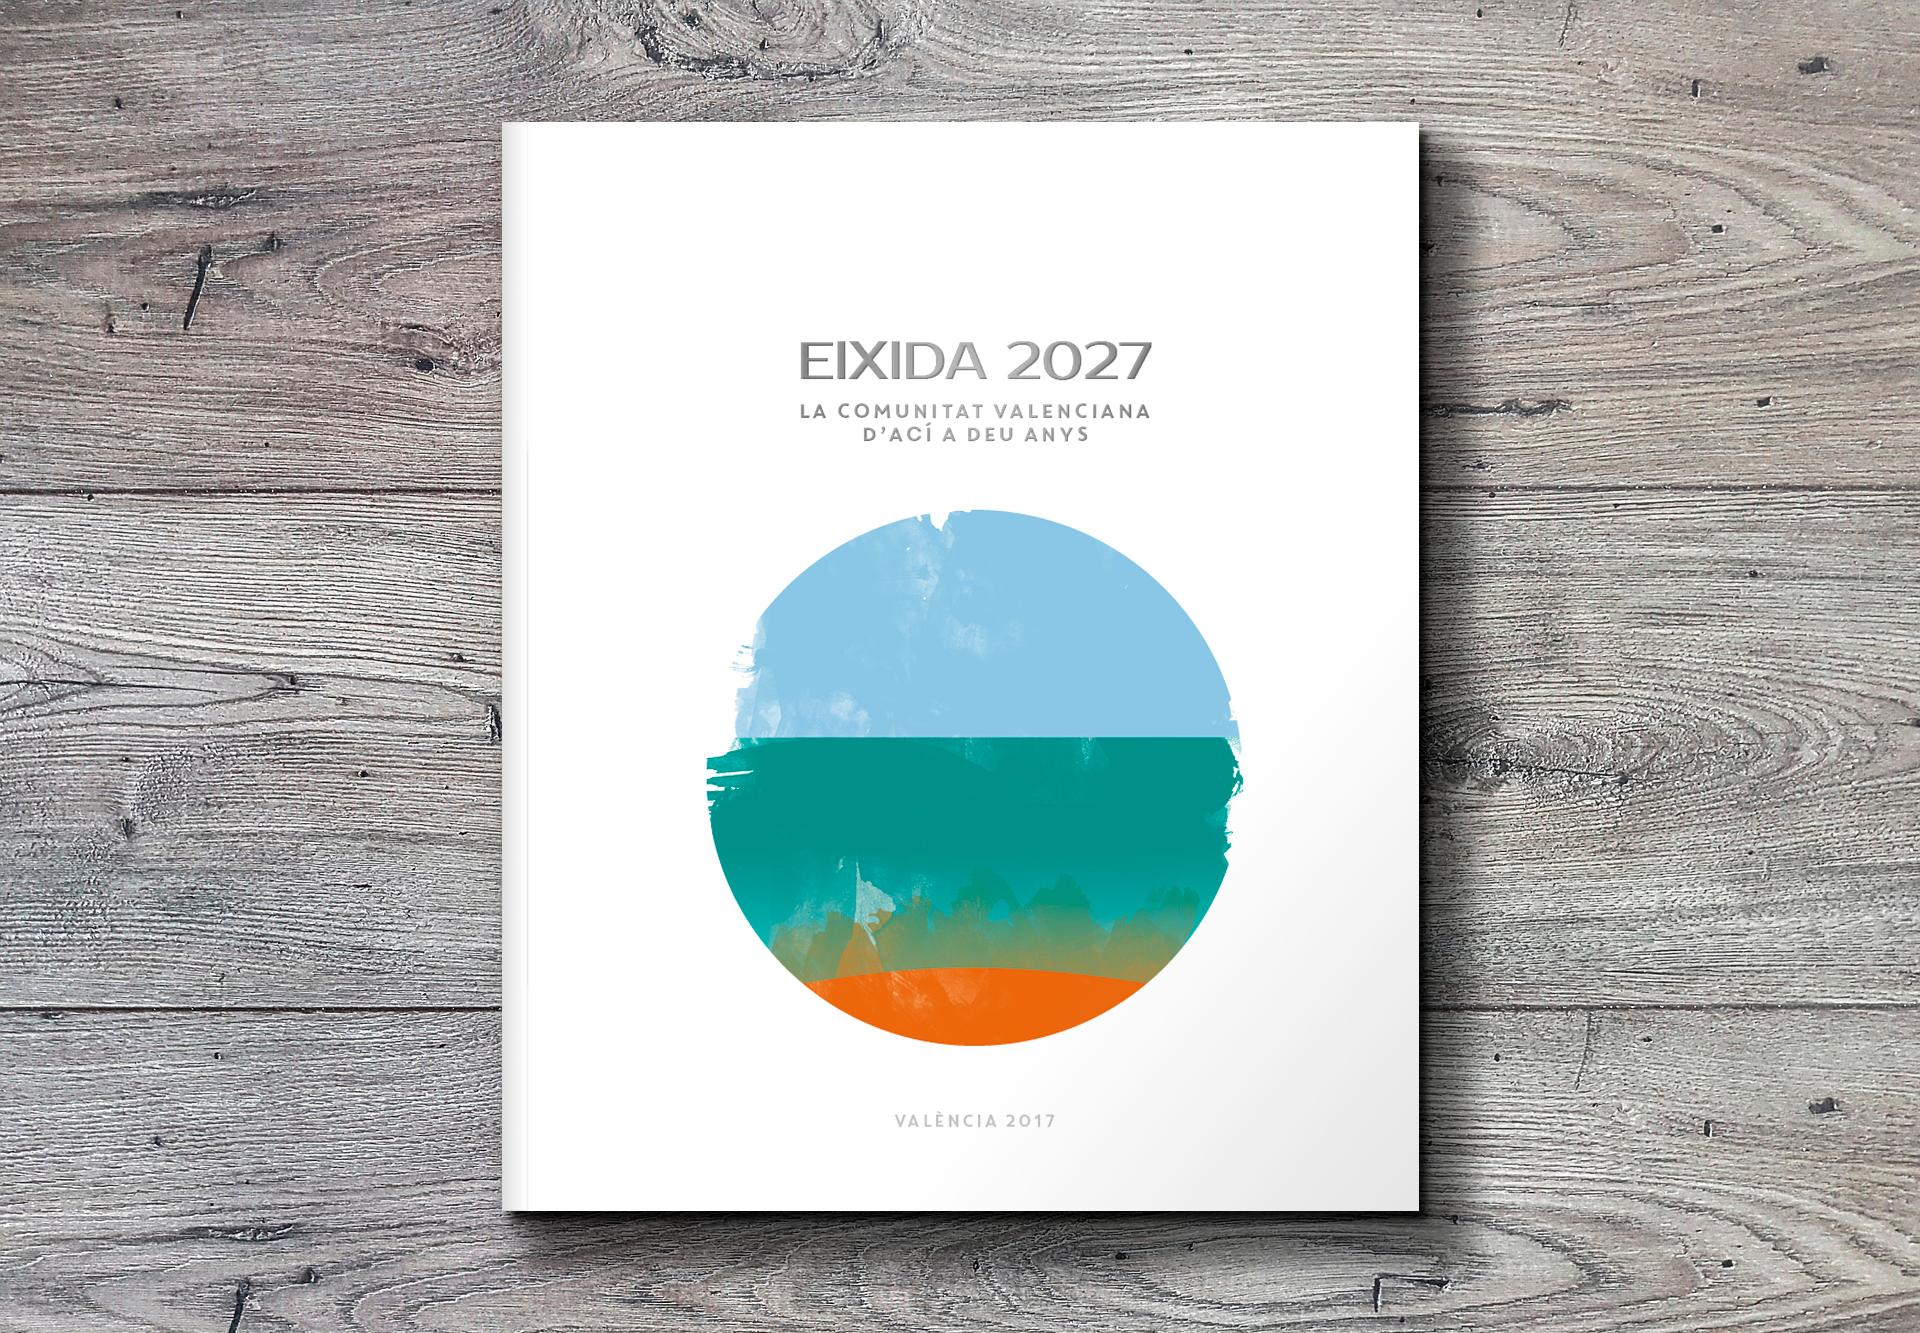 EIXIDA 2027